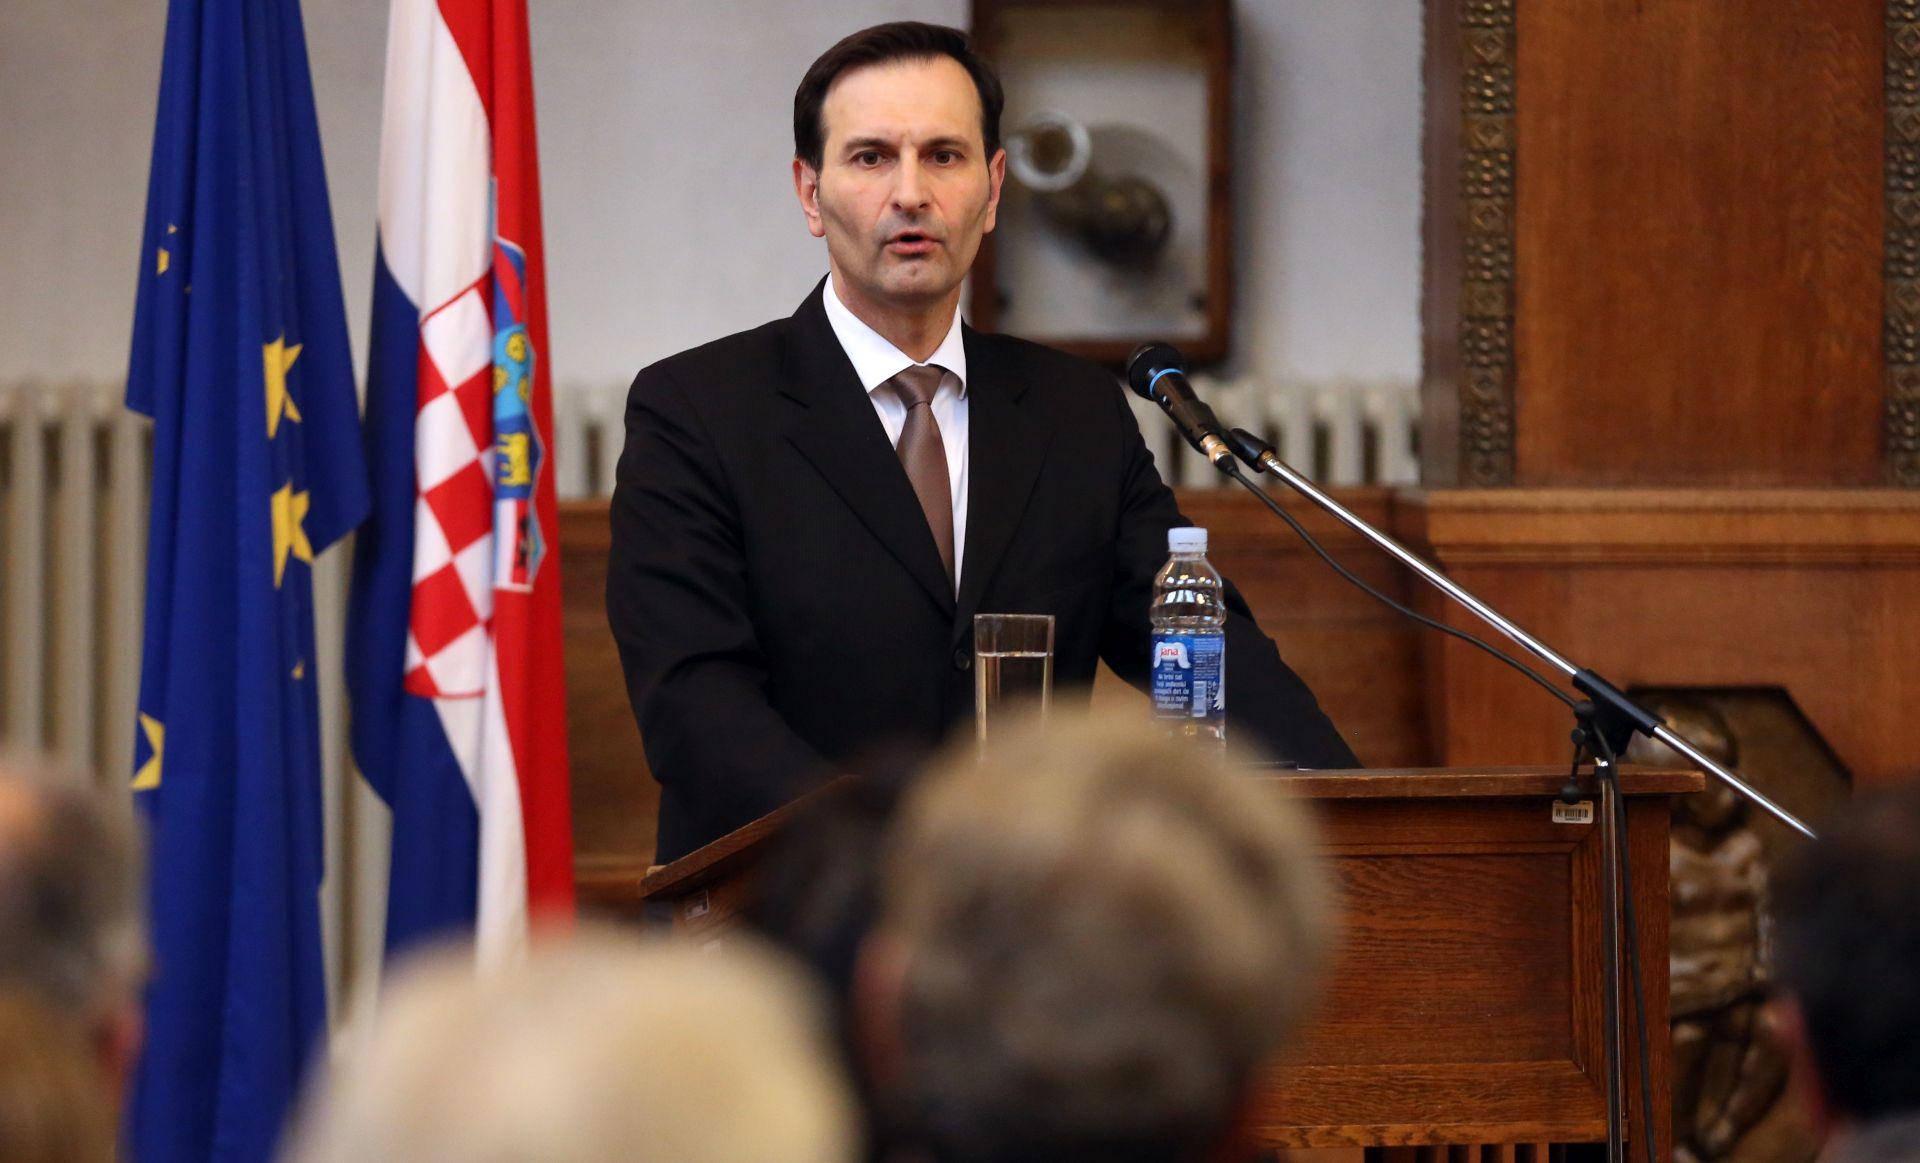 Miro Kovač: 'Fašizacija Hrvatske izmišljotina je koju šire interesne skupine'